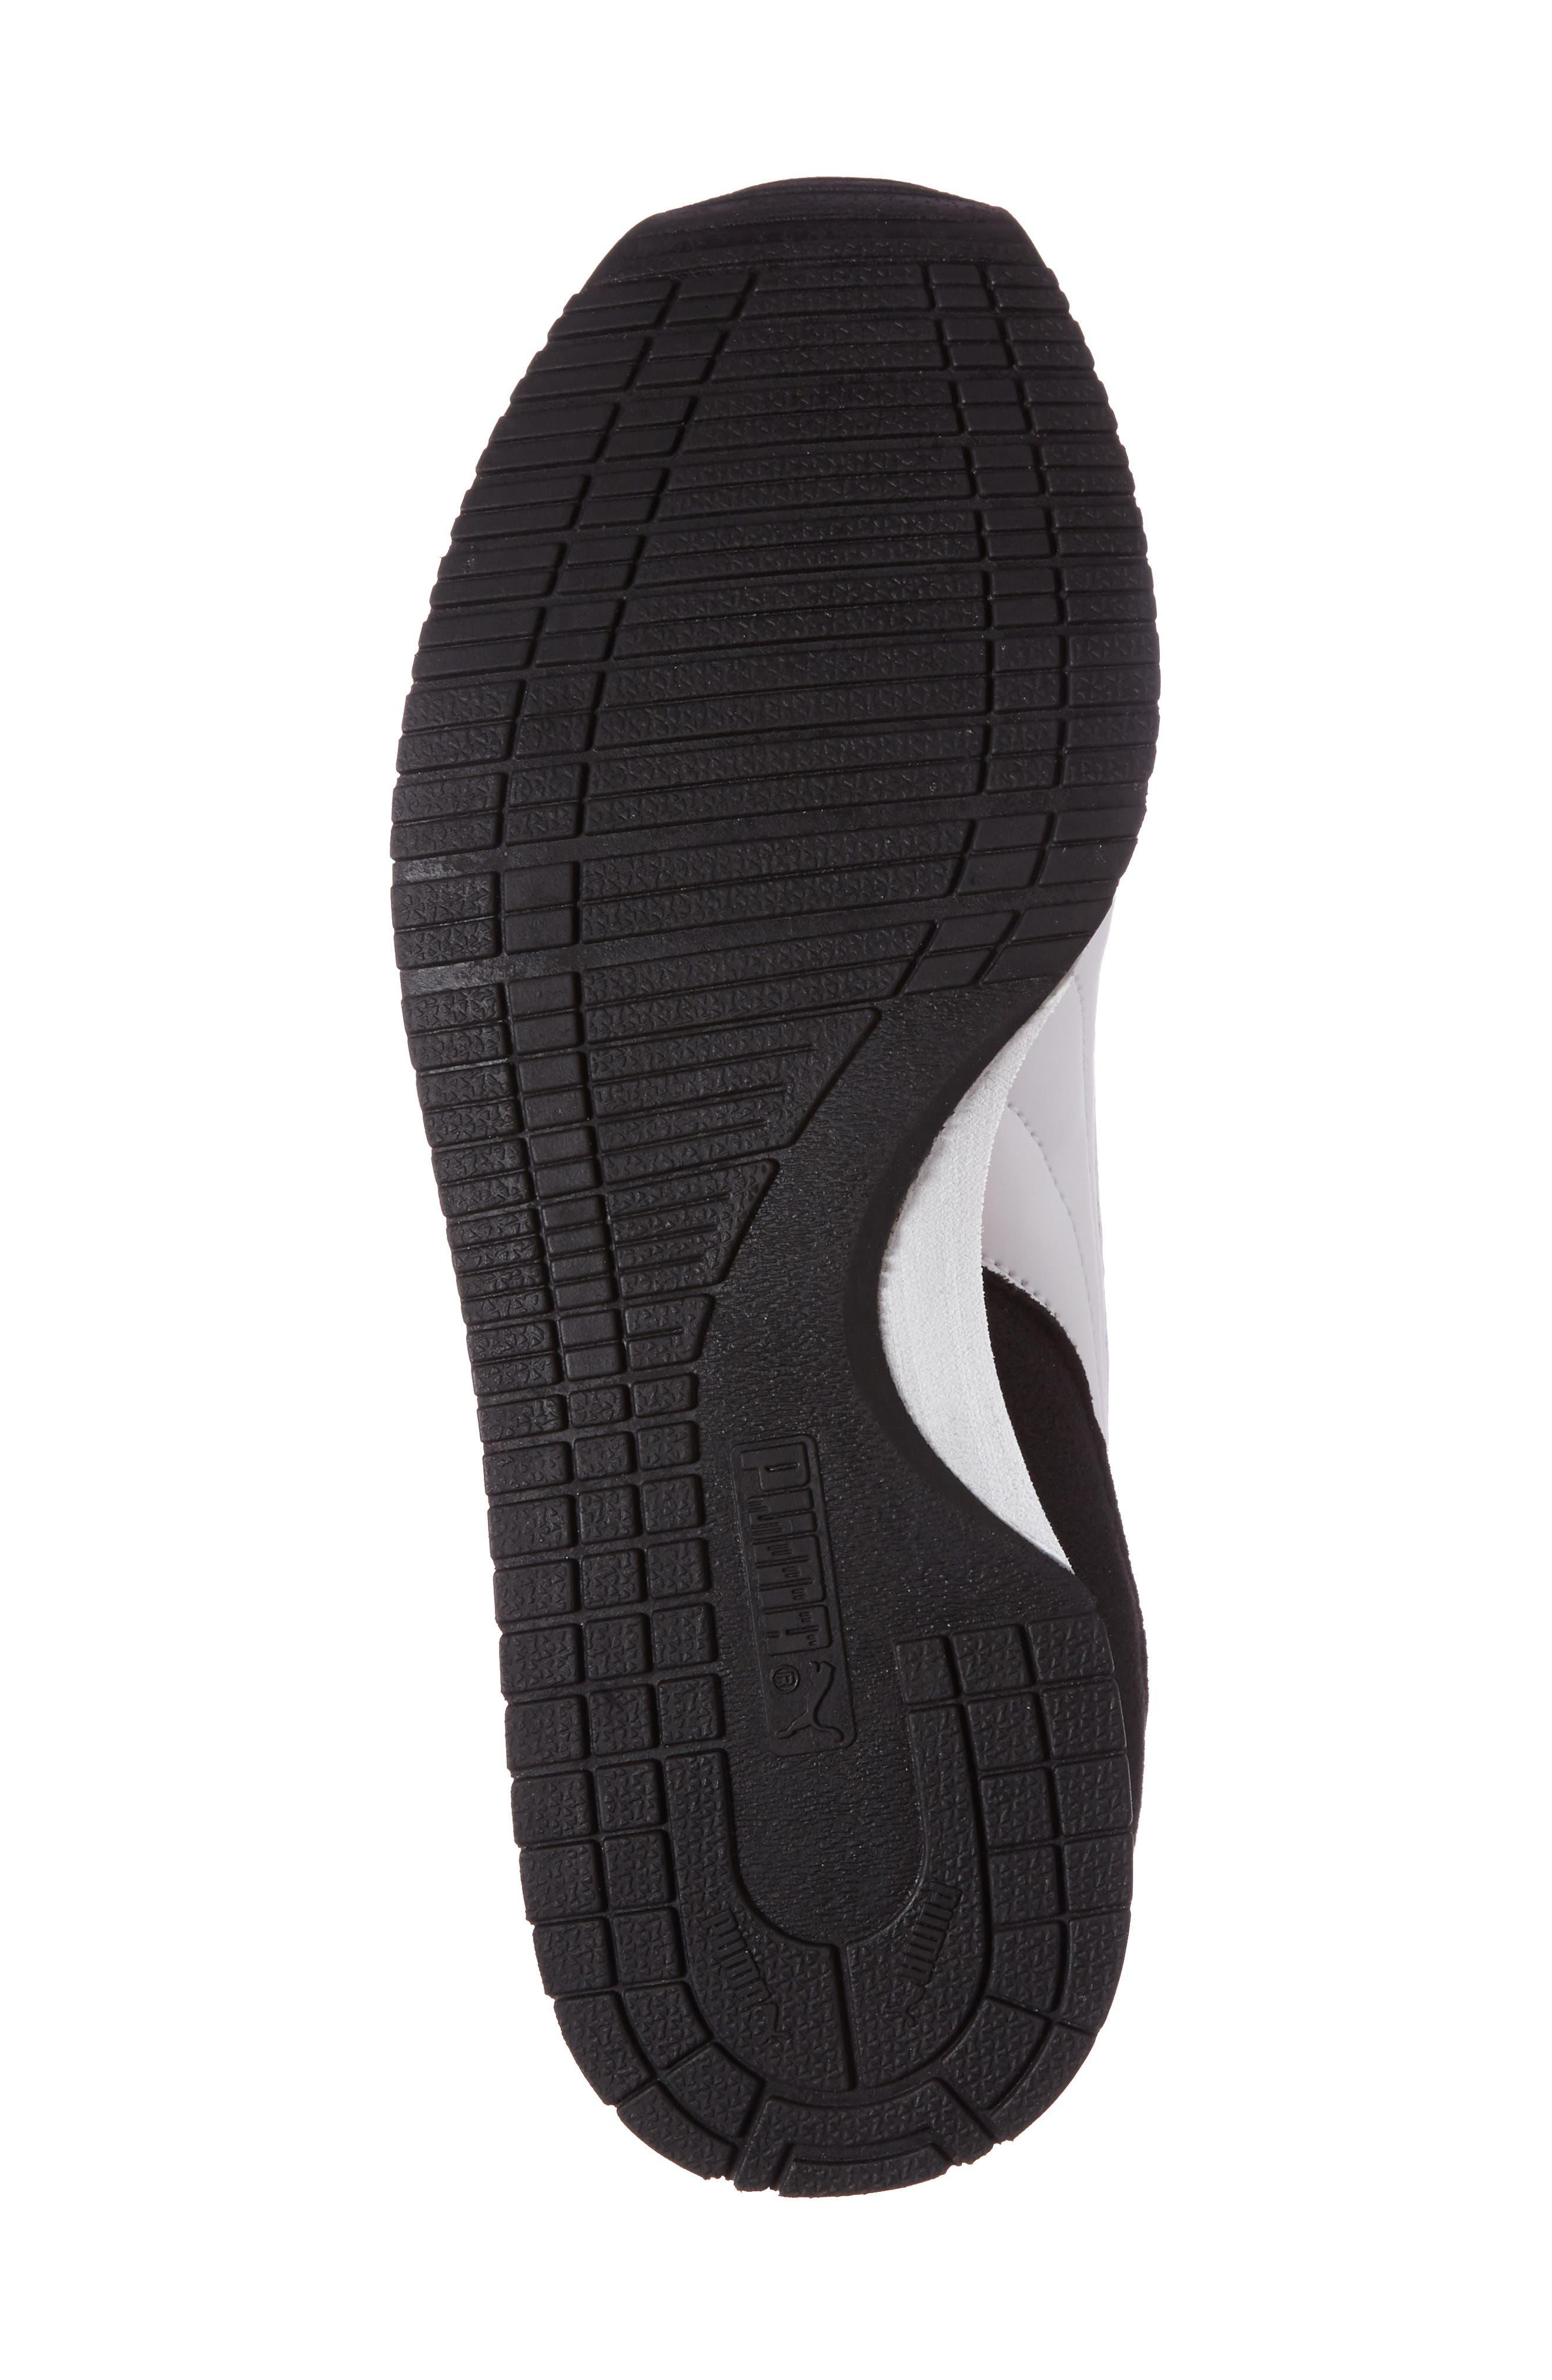 Cabana Racer Sneaker,                             Alternate thumbnail 4, color,                             001